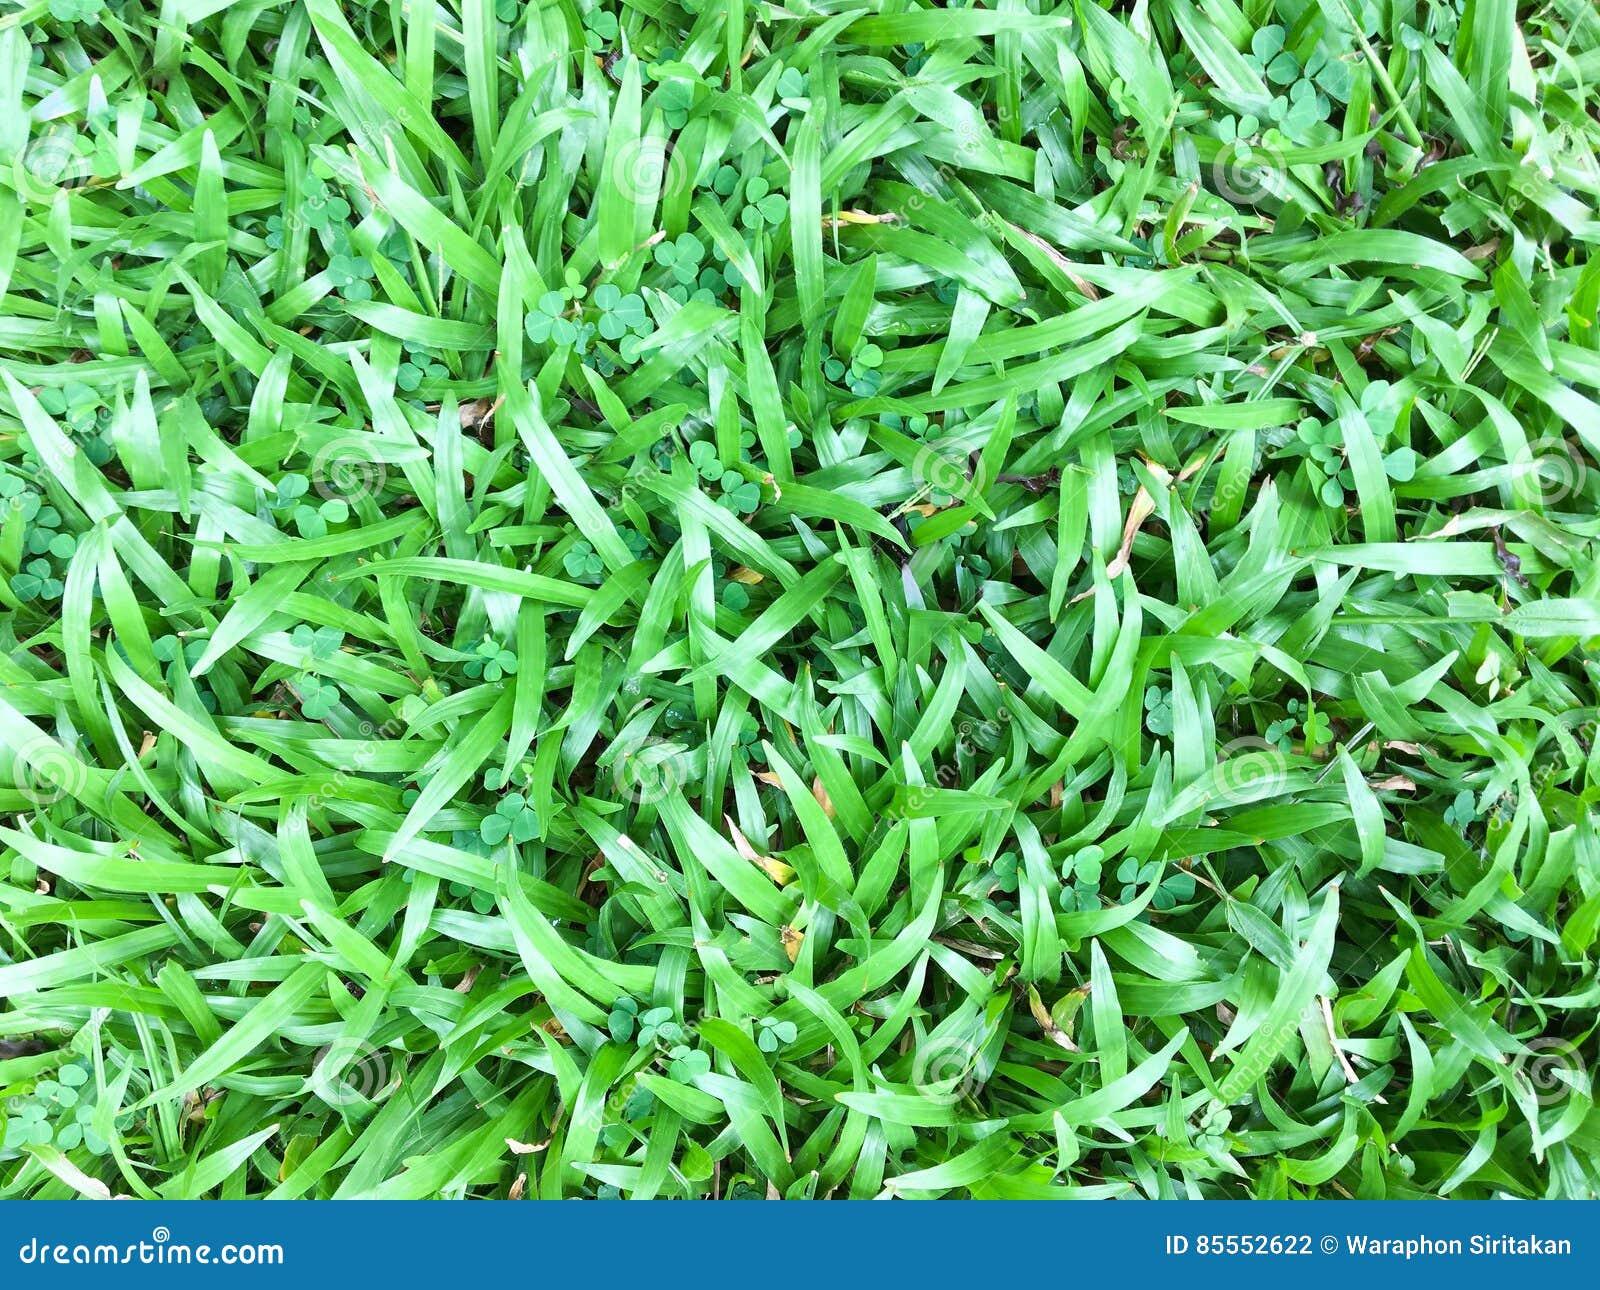 Hintergrund-Grashintergrund des grünen Rasenmusters strukturierter